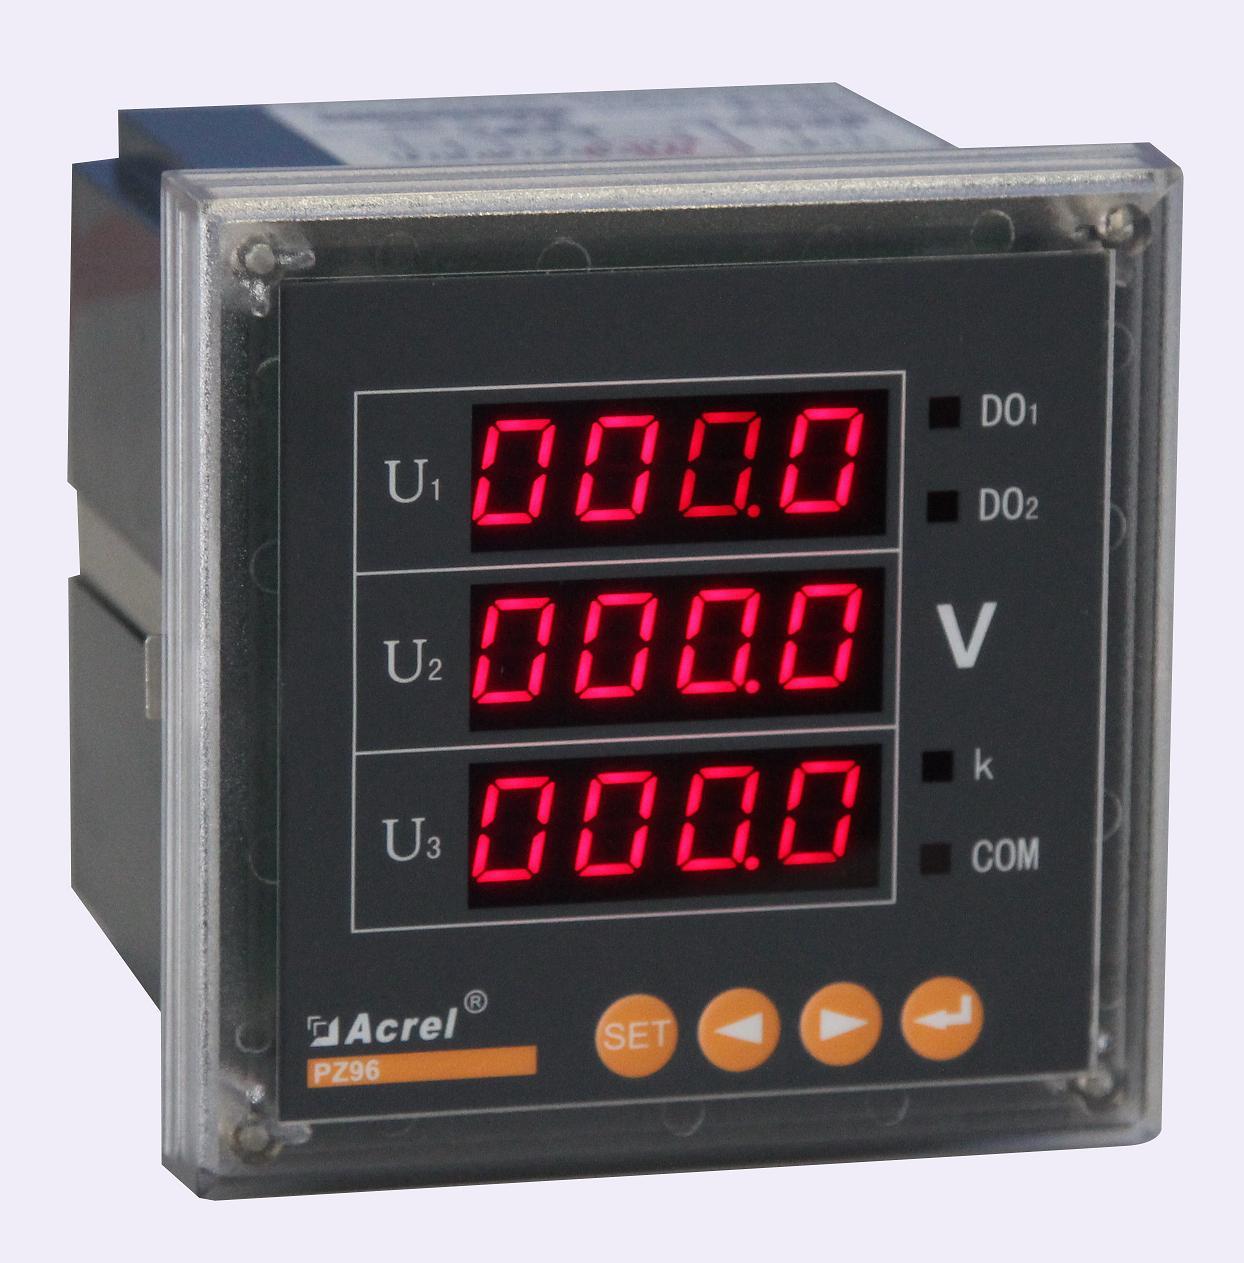 安科瑞三相电压表智能仪表数显交流PZ96-AV3/C带通讯